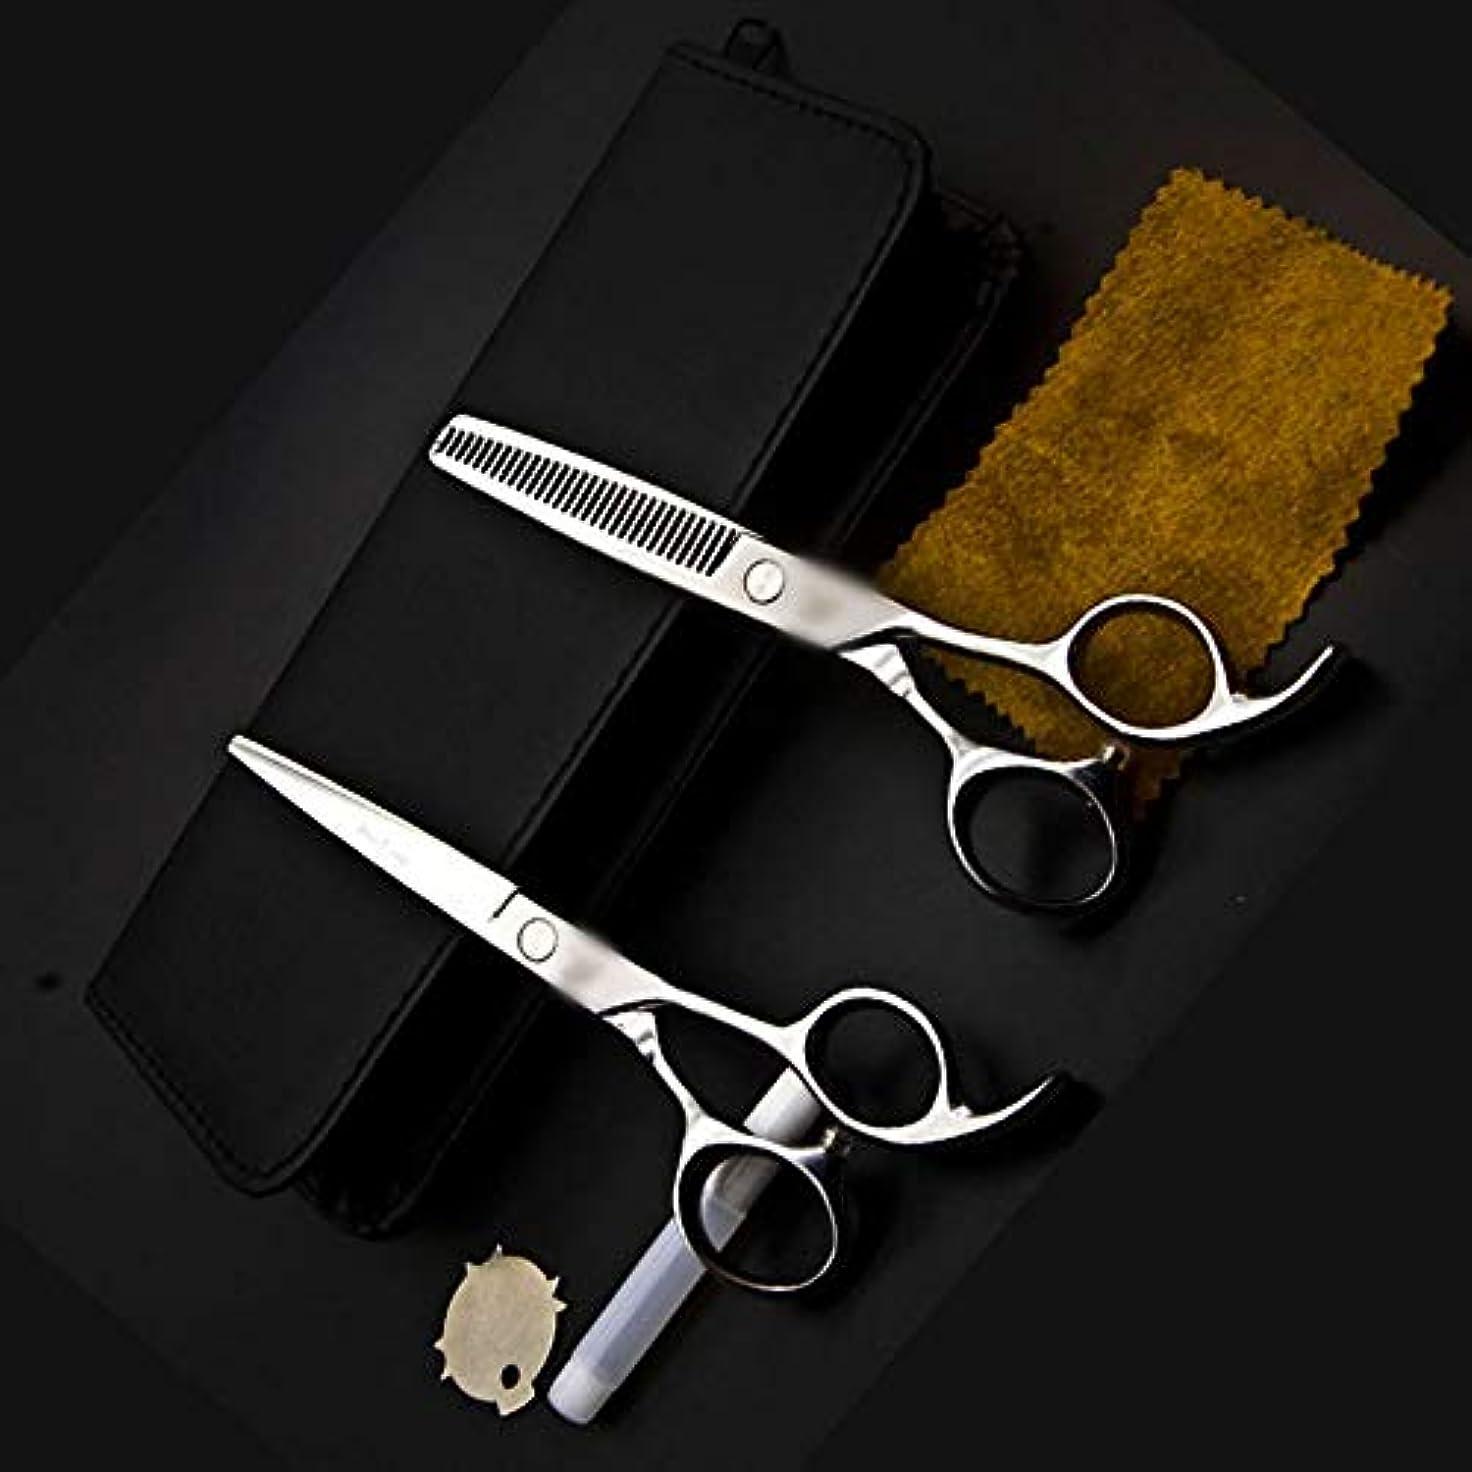 力強い宿命議論する6インチ美容院プロフェッショナル理髪はさみセット ヘアケア (色 : Silver)